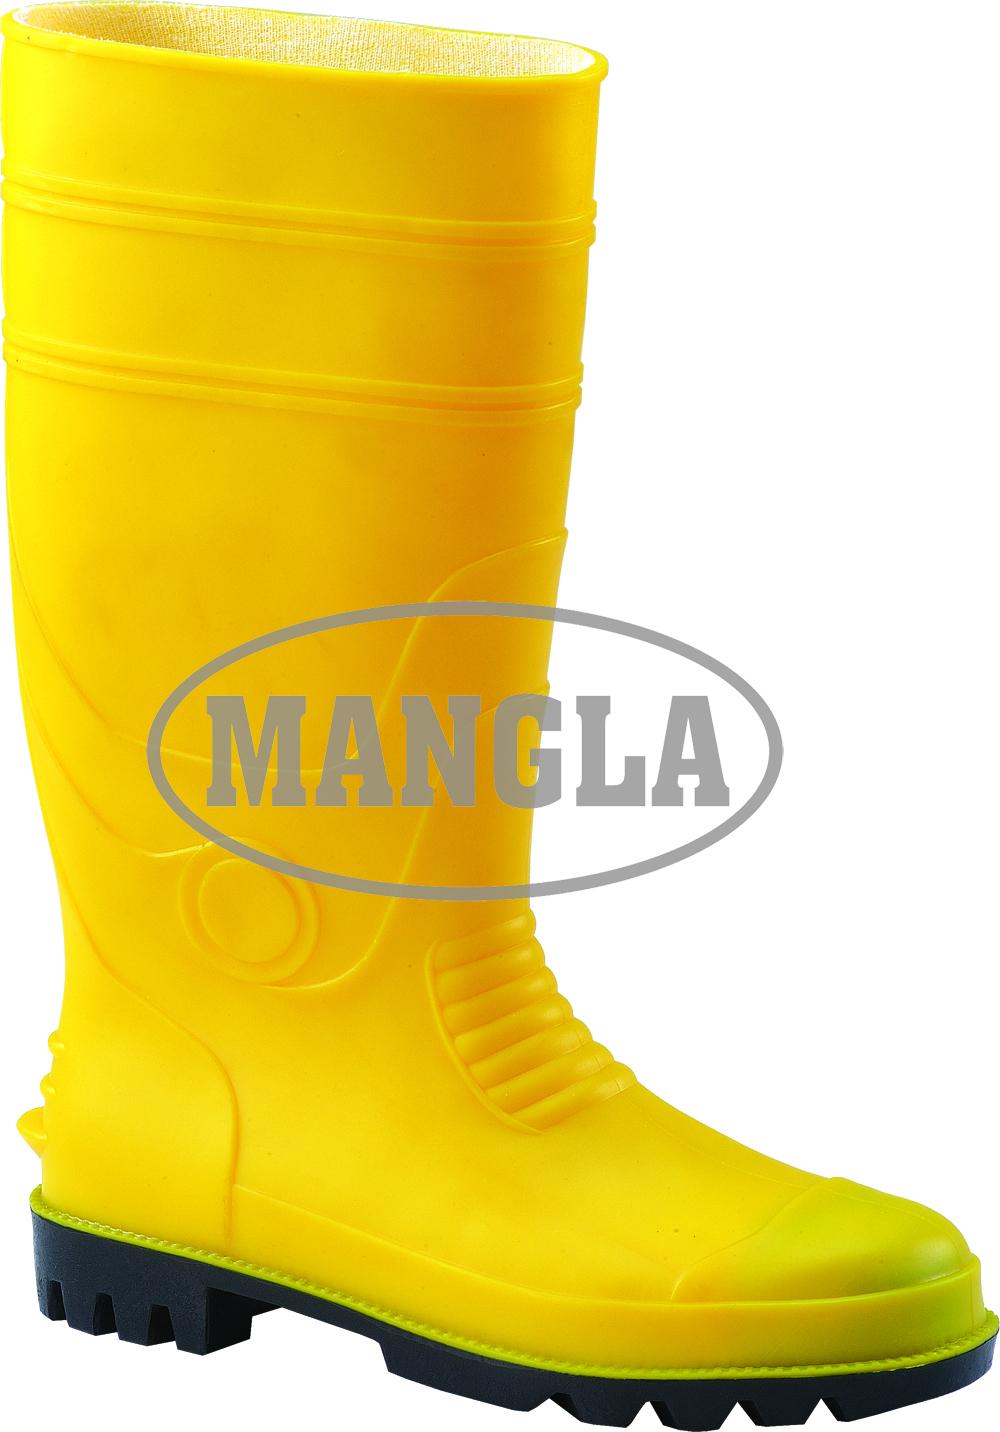 Waterproof Safety Gumboot